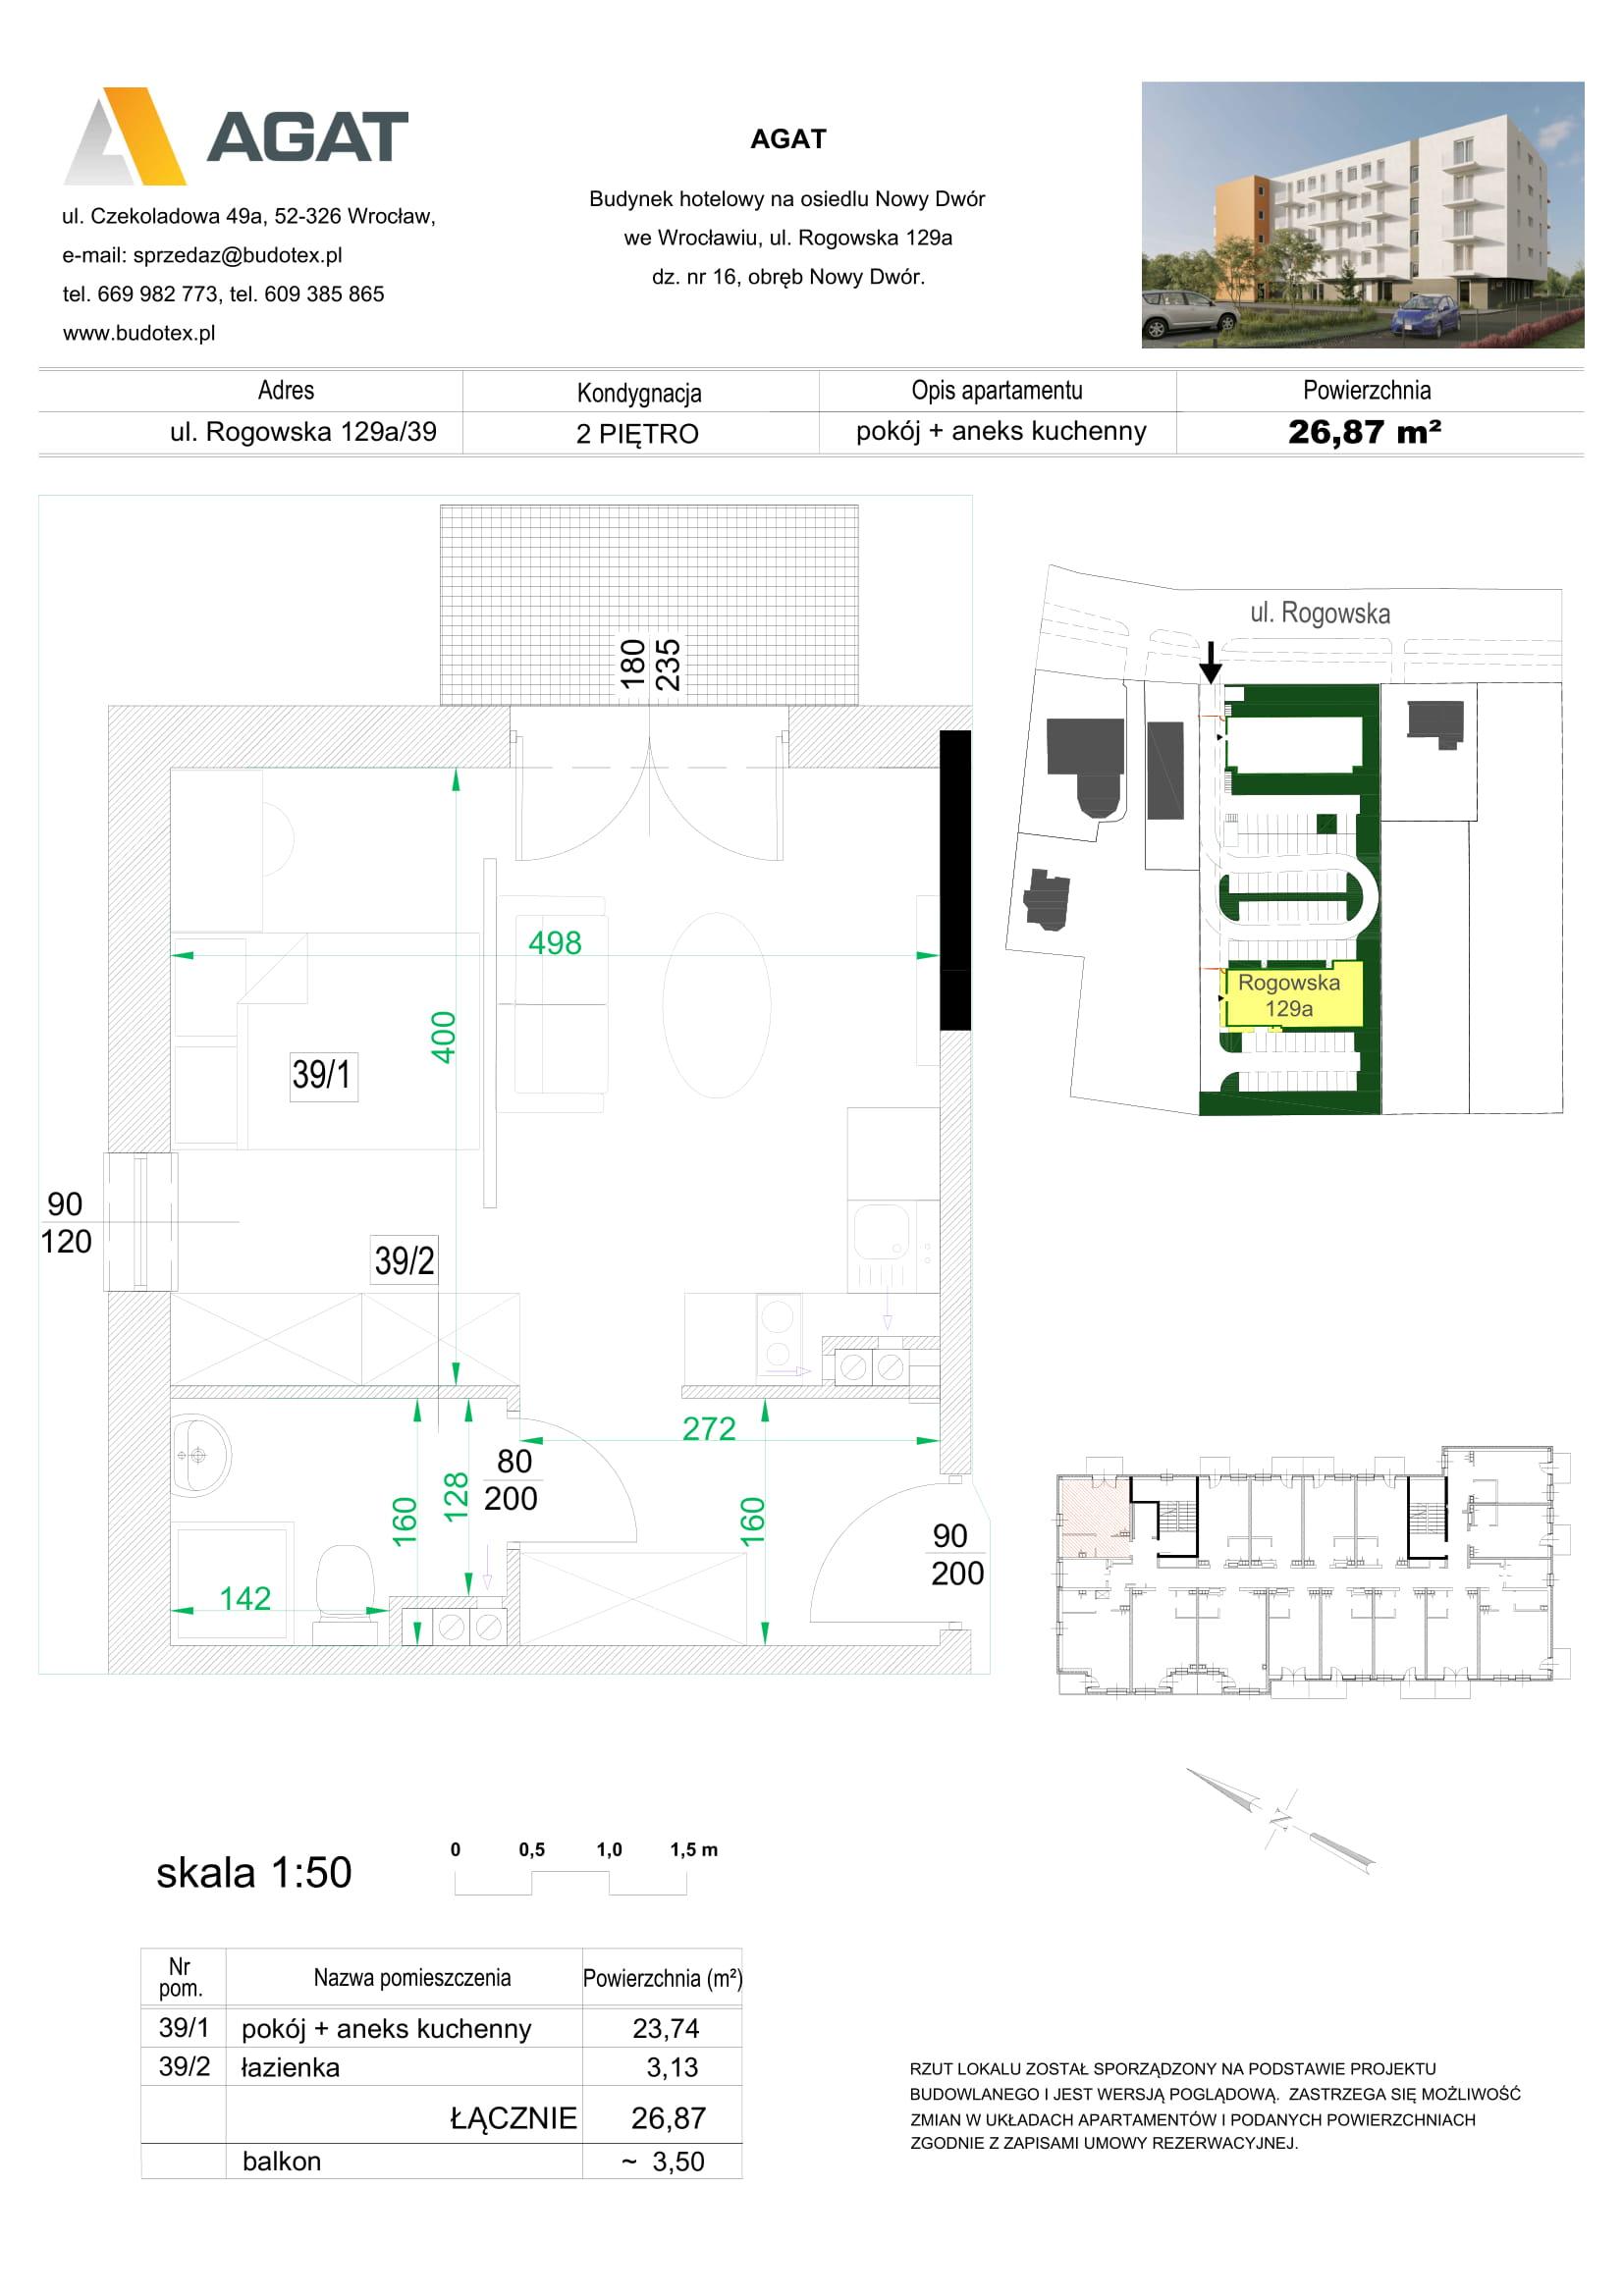 Mieszkanie nr 39